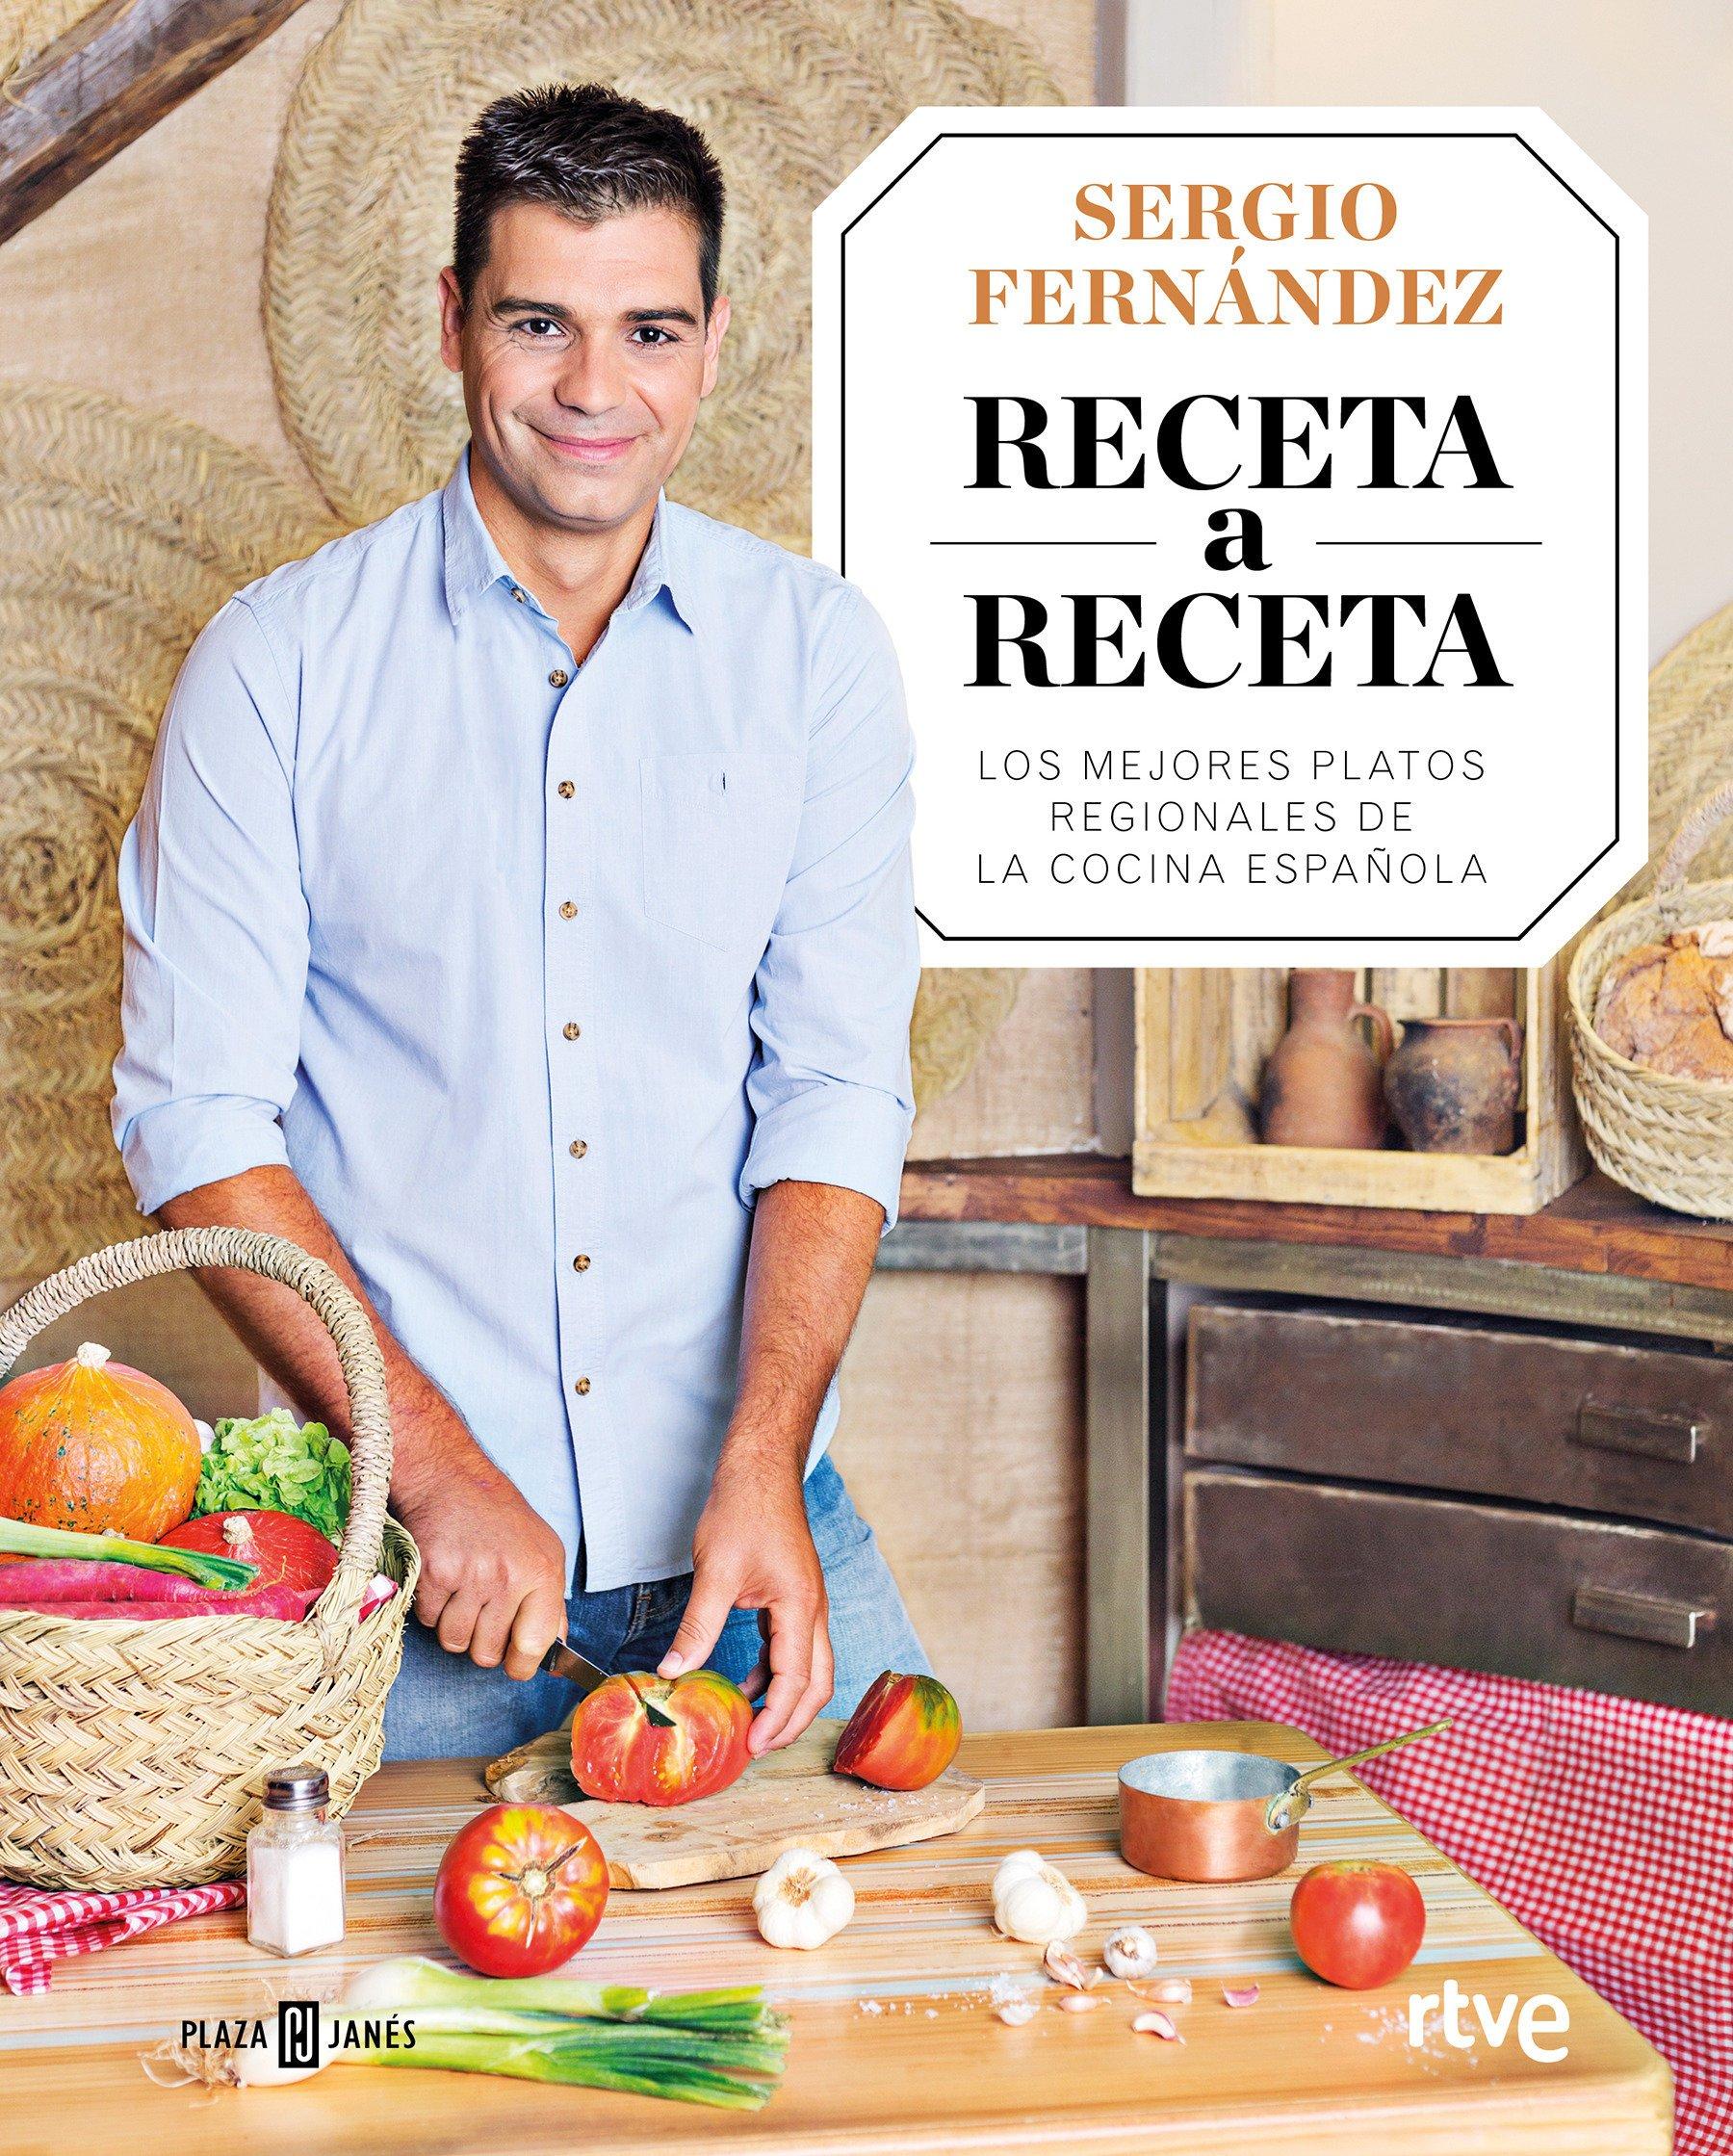 Receta a Receta: Los mejores platos regionales de la cocina española Obras diversas: Amazon.es: Fernández, Sergio: Libros